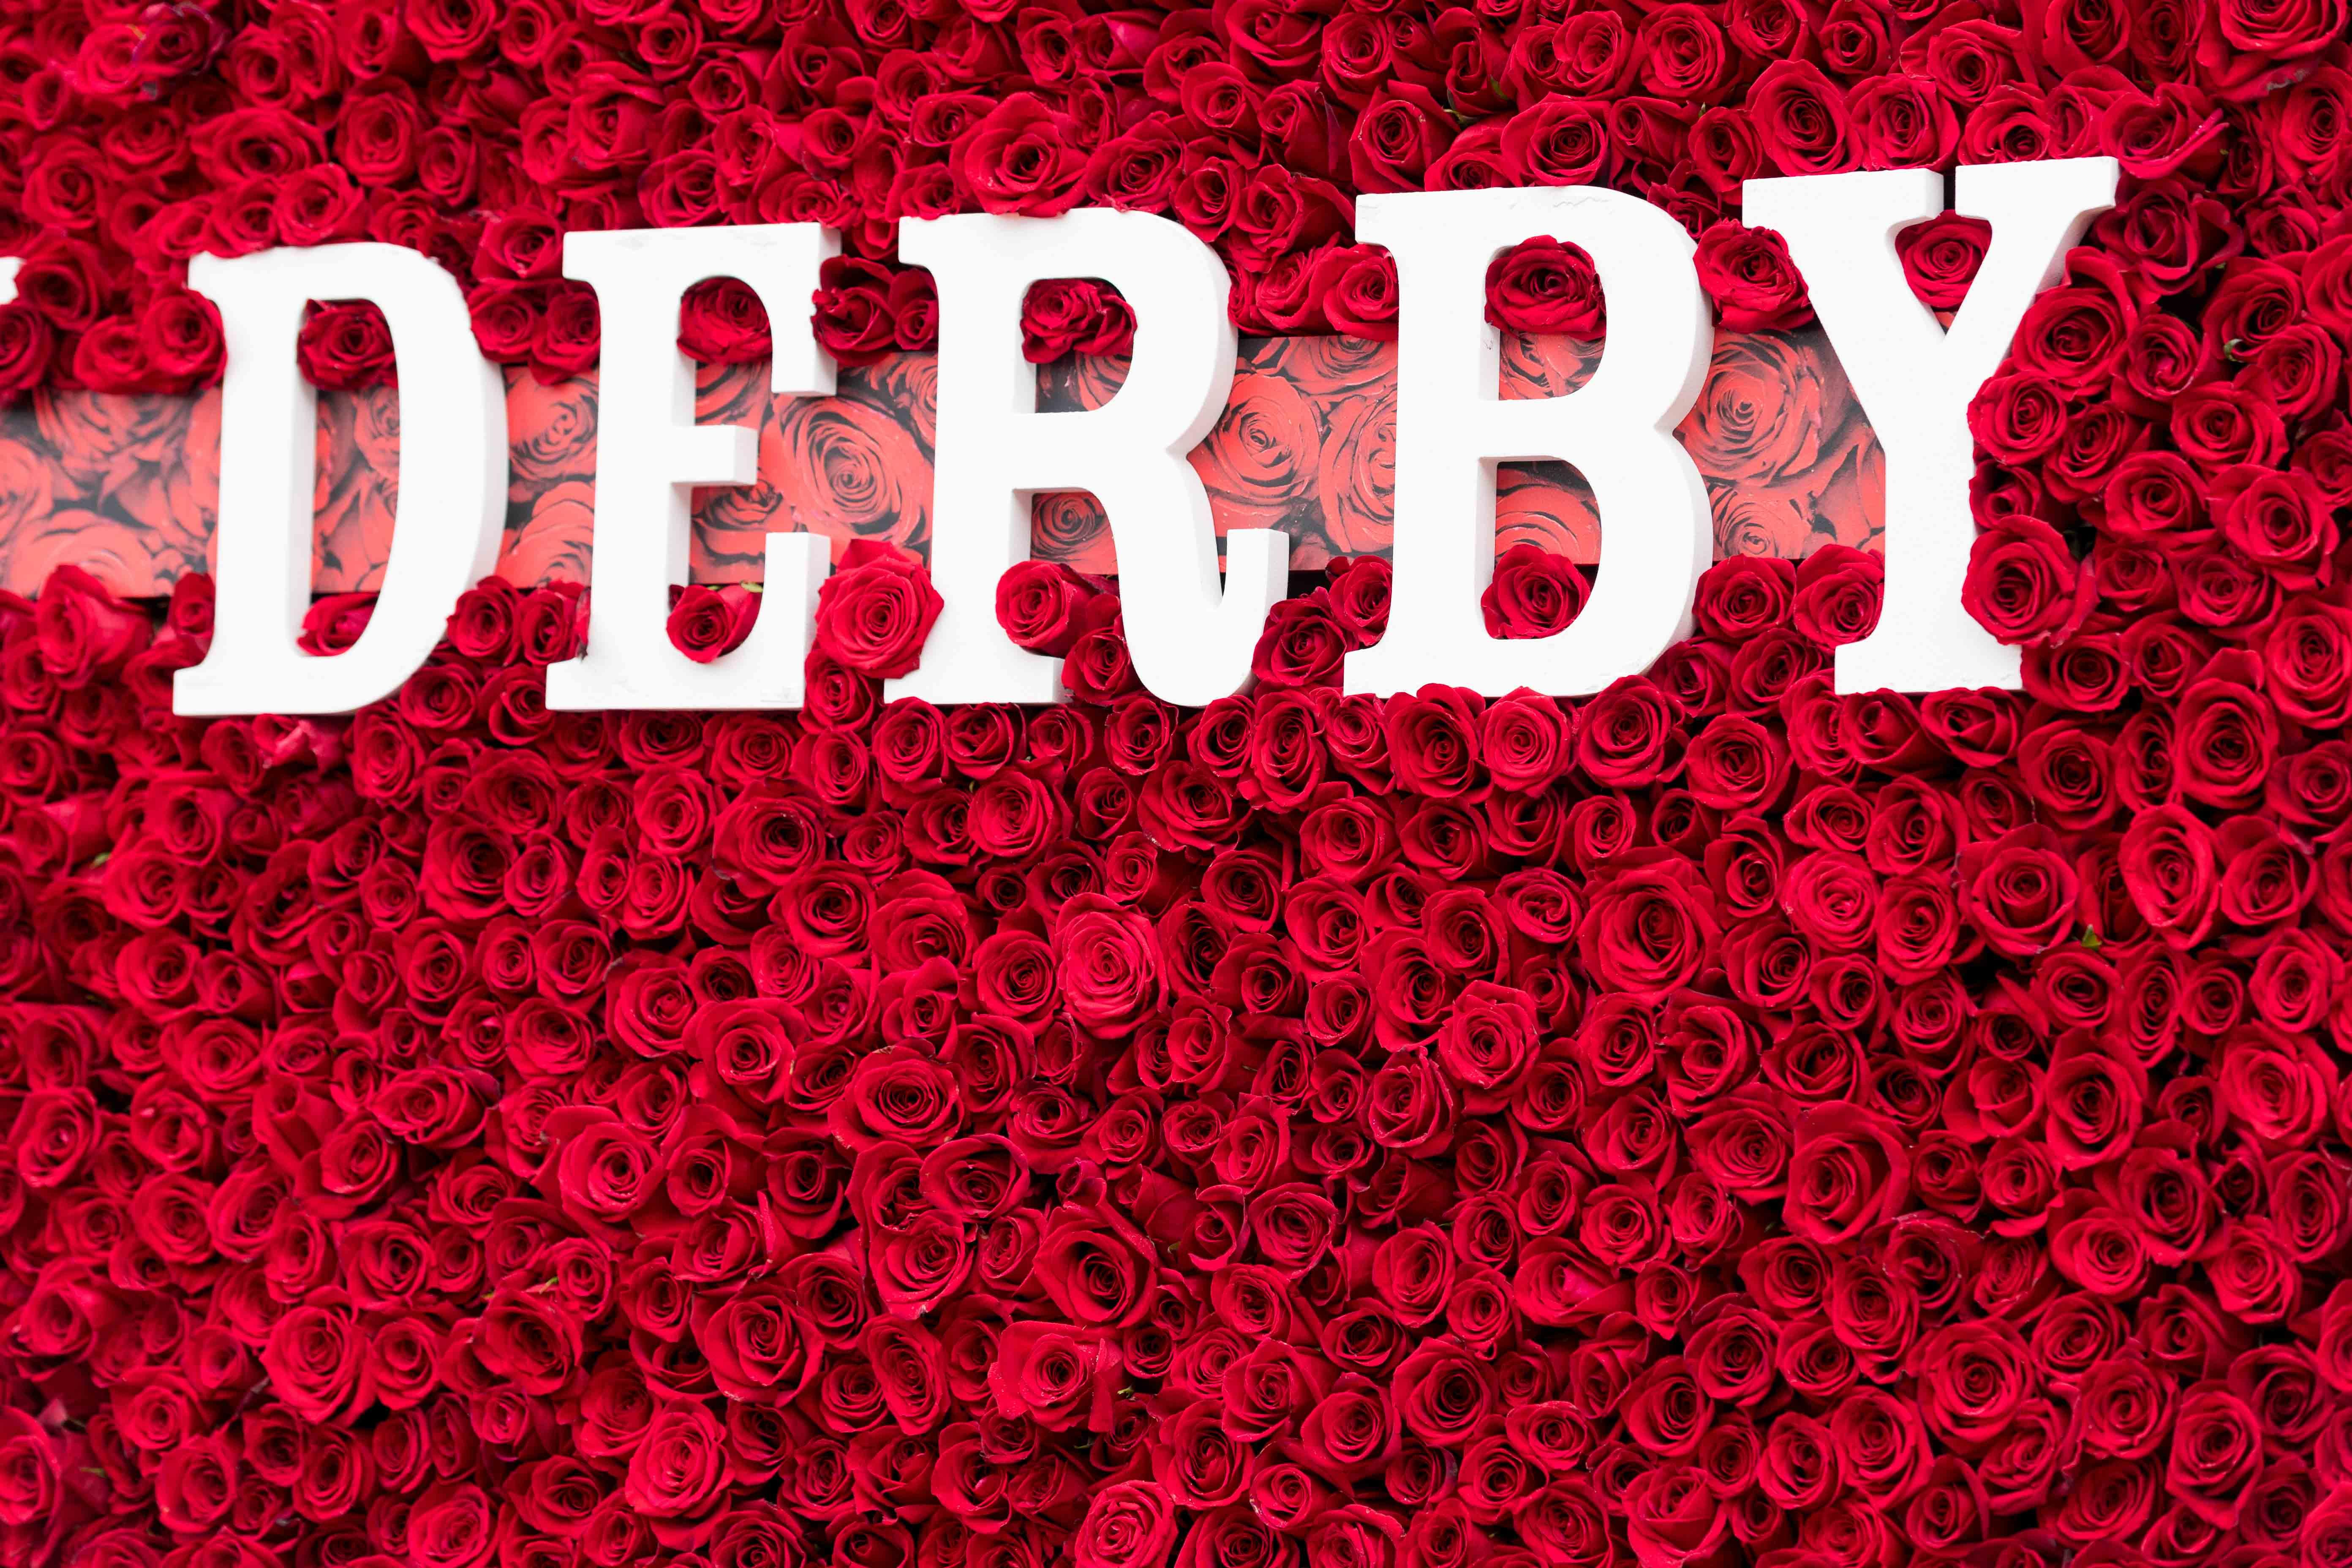 Derby 2018